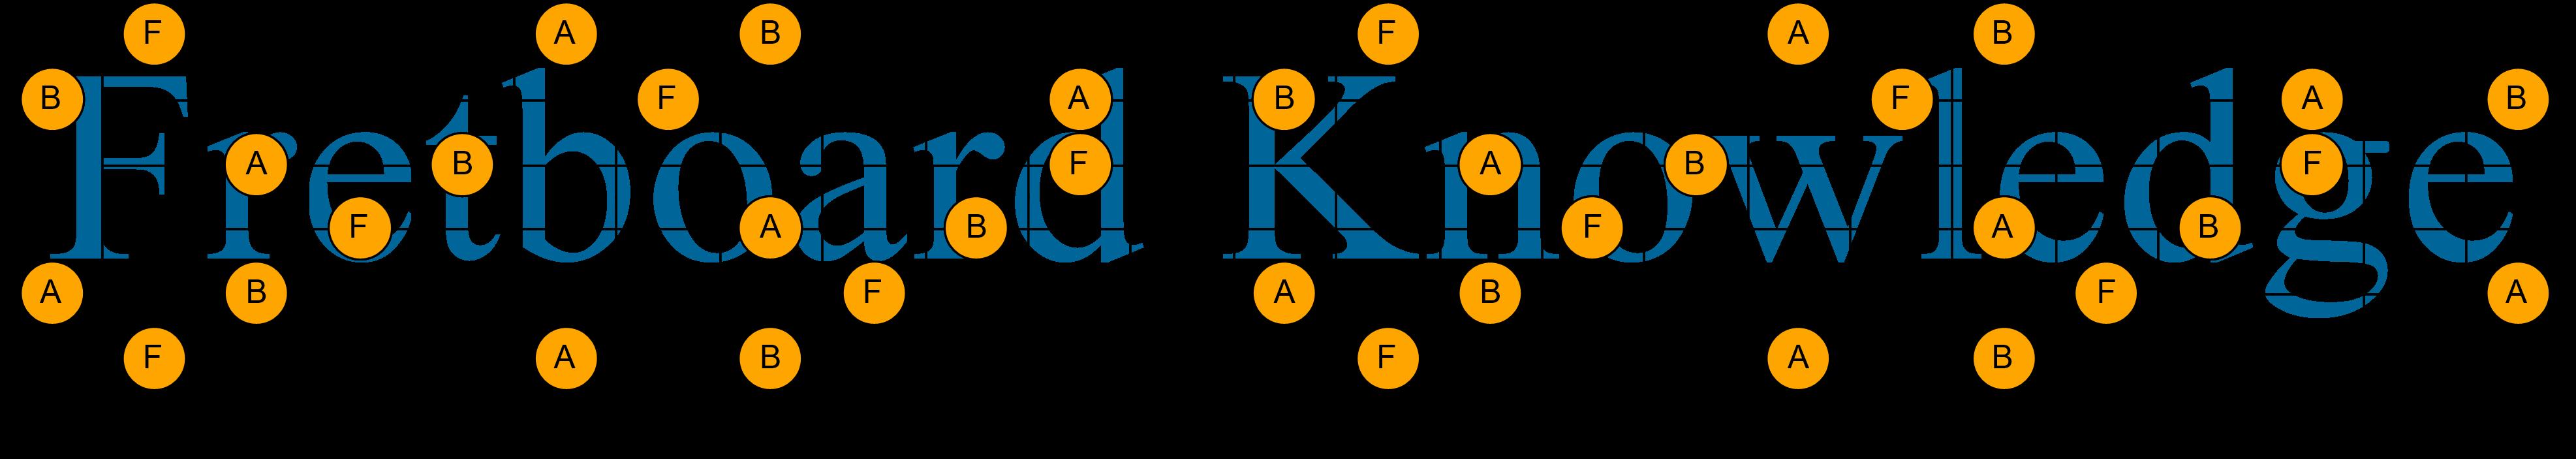 F(b5) Triad Arpeggio Notes